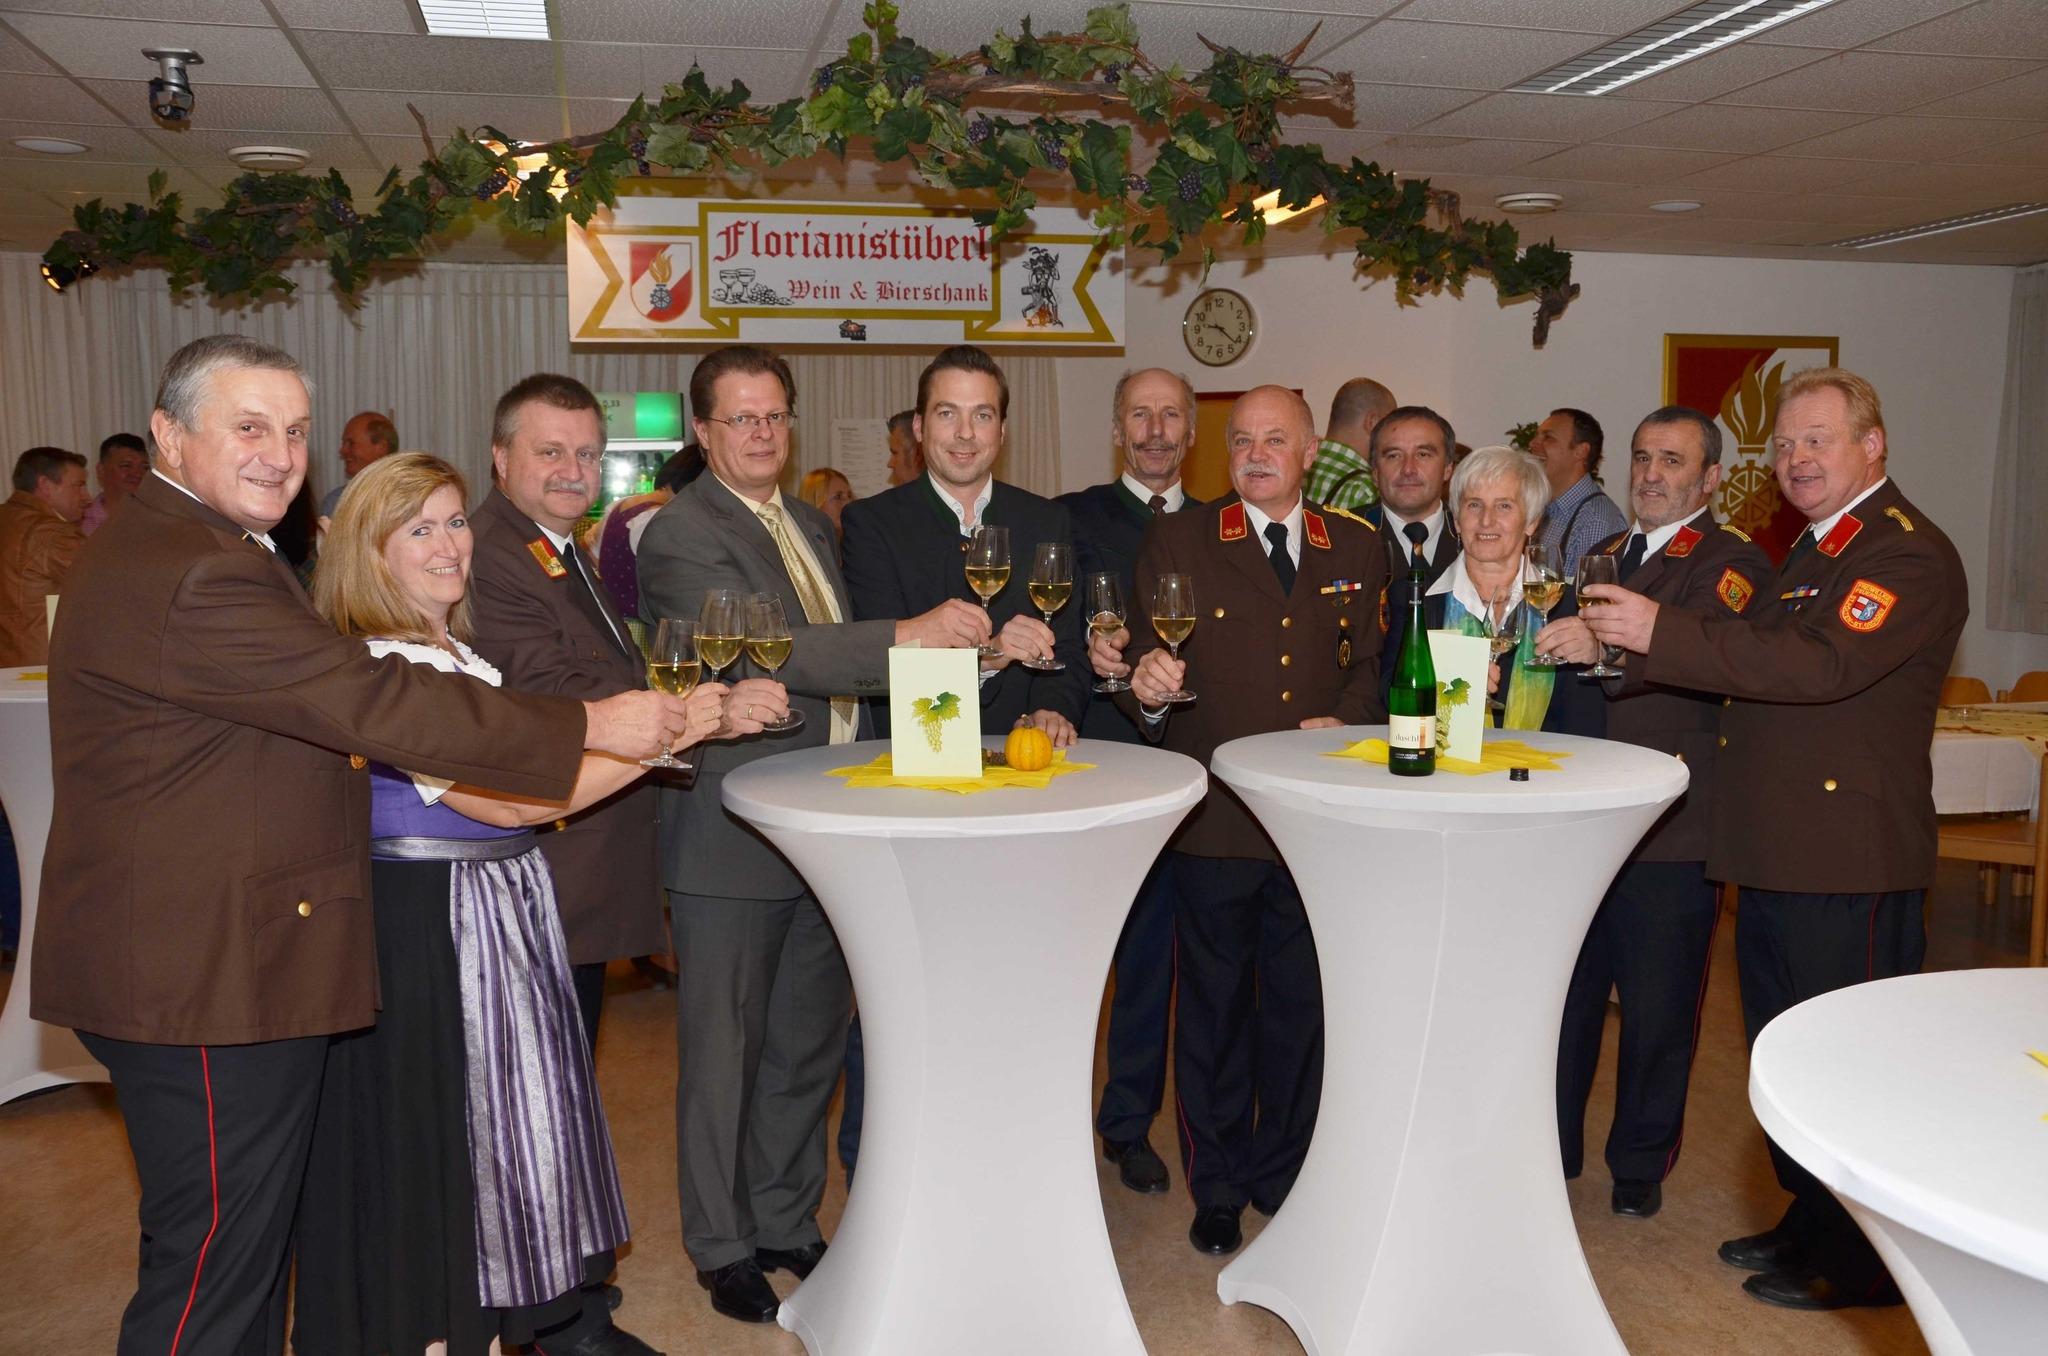 Freiwillige Feuerwehr St. Pölten - St. Georgen: \